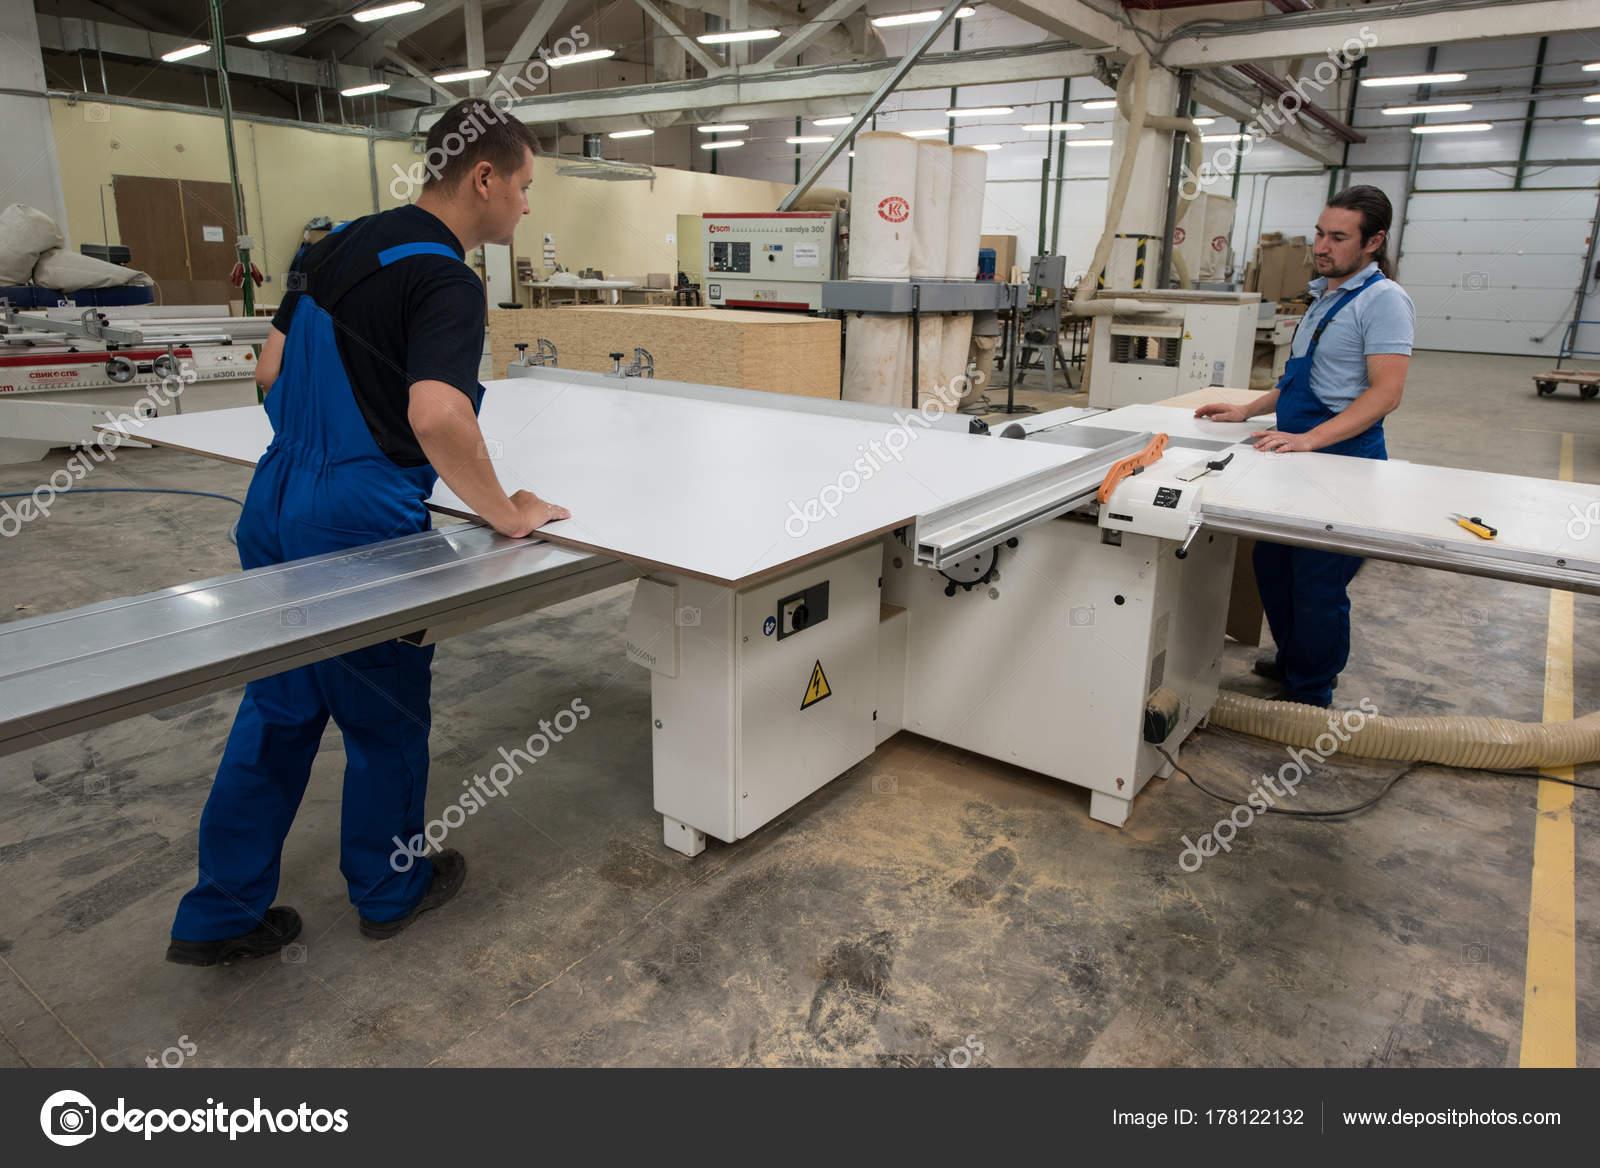 Herstellung Von Mobeln Bearbeitung Von Spanplatten Blechen